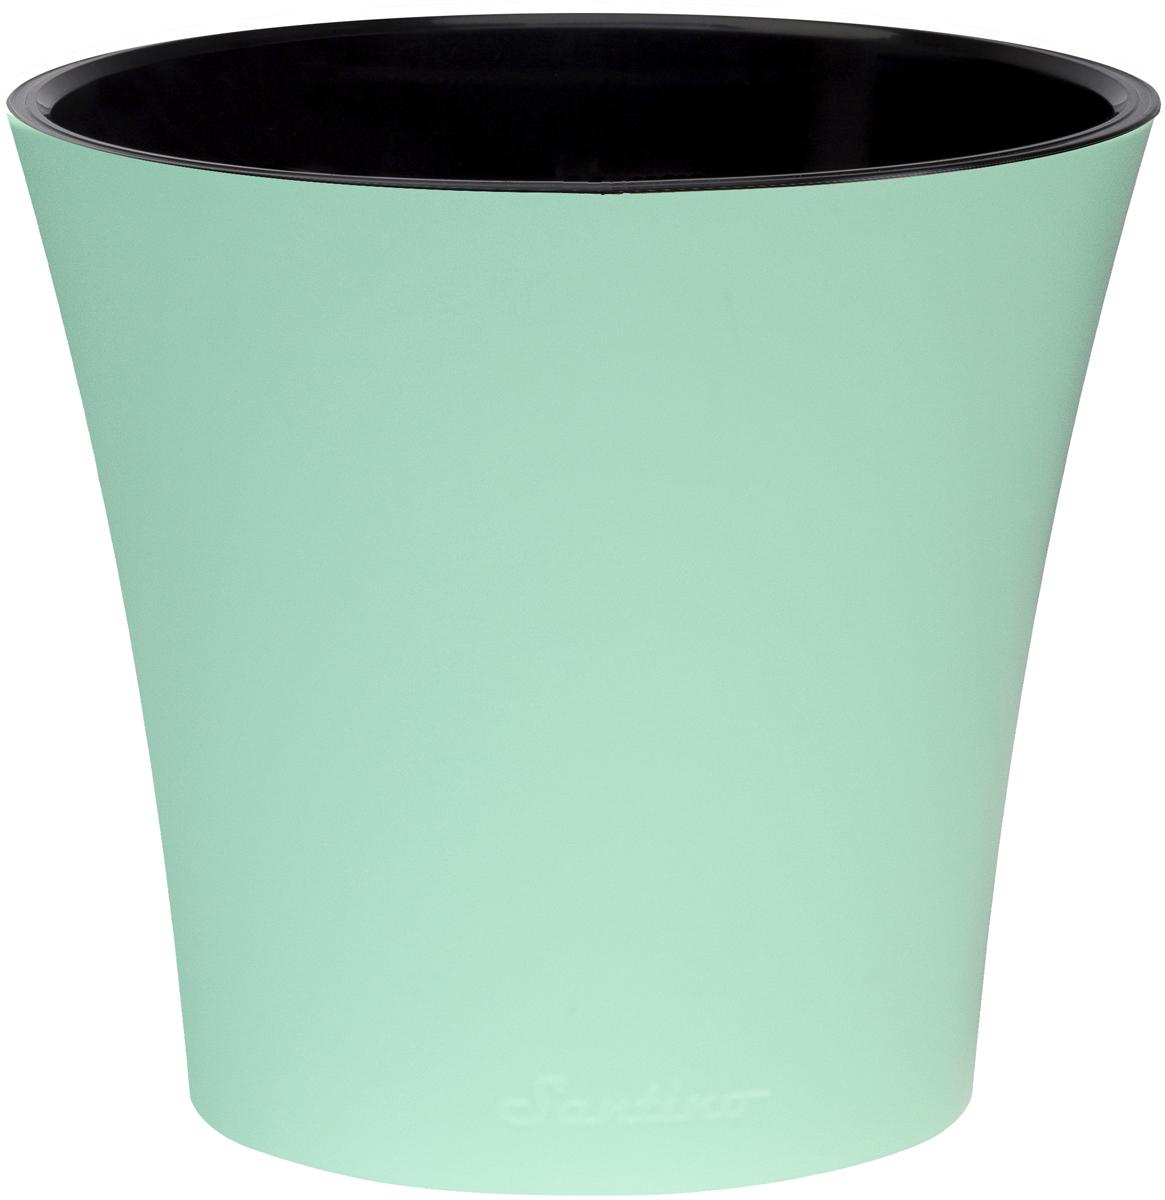 Горшок для цветов Santino Арте, двойной, с системой автополива, цвет: мятный, черный, 2 лАРТ 2 М-ЧЛюбой, даже самый современный и продуманный интерьер будет незавершенным без растений. Они не только очищают воздух и насыщают его кислородом, но и украшают окружающее пространство. Горшок Santino выполненный из высококачественного пластика, предназначен для выращивания комнатных цветов, растений и трав.Инновационная система автополива обладает рядом преимуществ: экономит время при уходе за растением, вода не протекает при поливе, и нет необходимости в подставке, корни не застаиваются в воде.Такой горшок порадует вас современным дизайном и функциональностью, а также оригинально украсит интерьер любого помещения. Высота горшка: 15 см;Диаметр: 16,5 см.